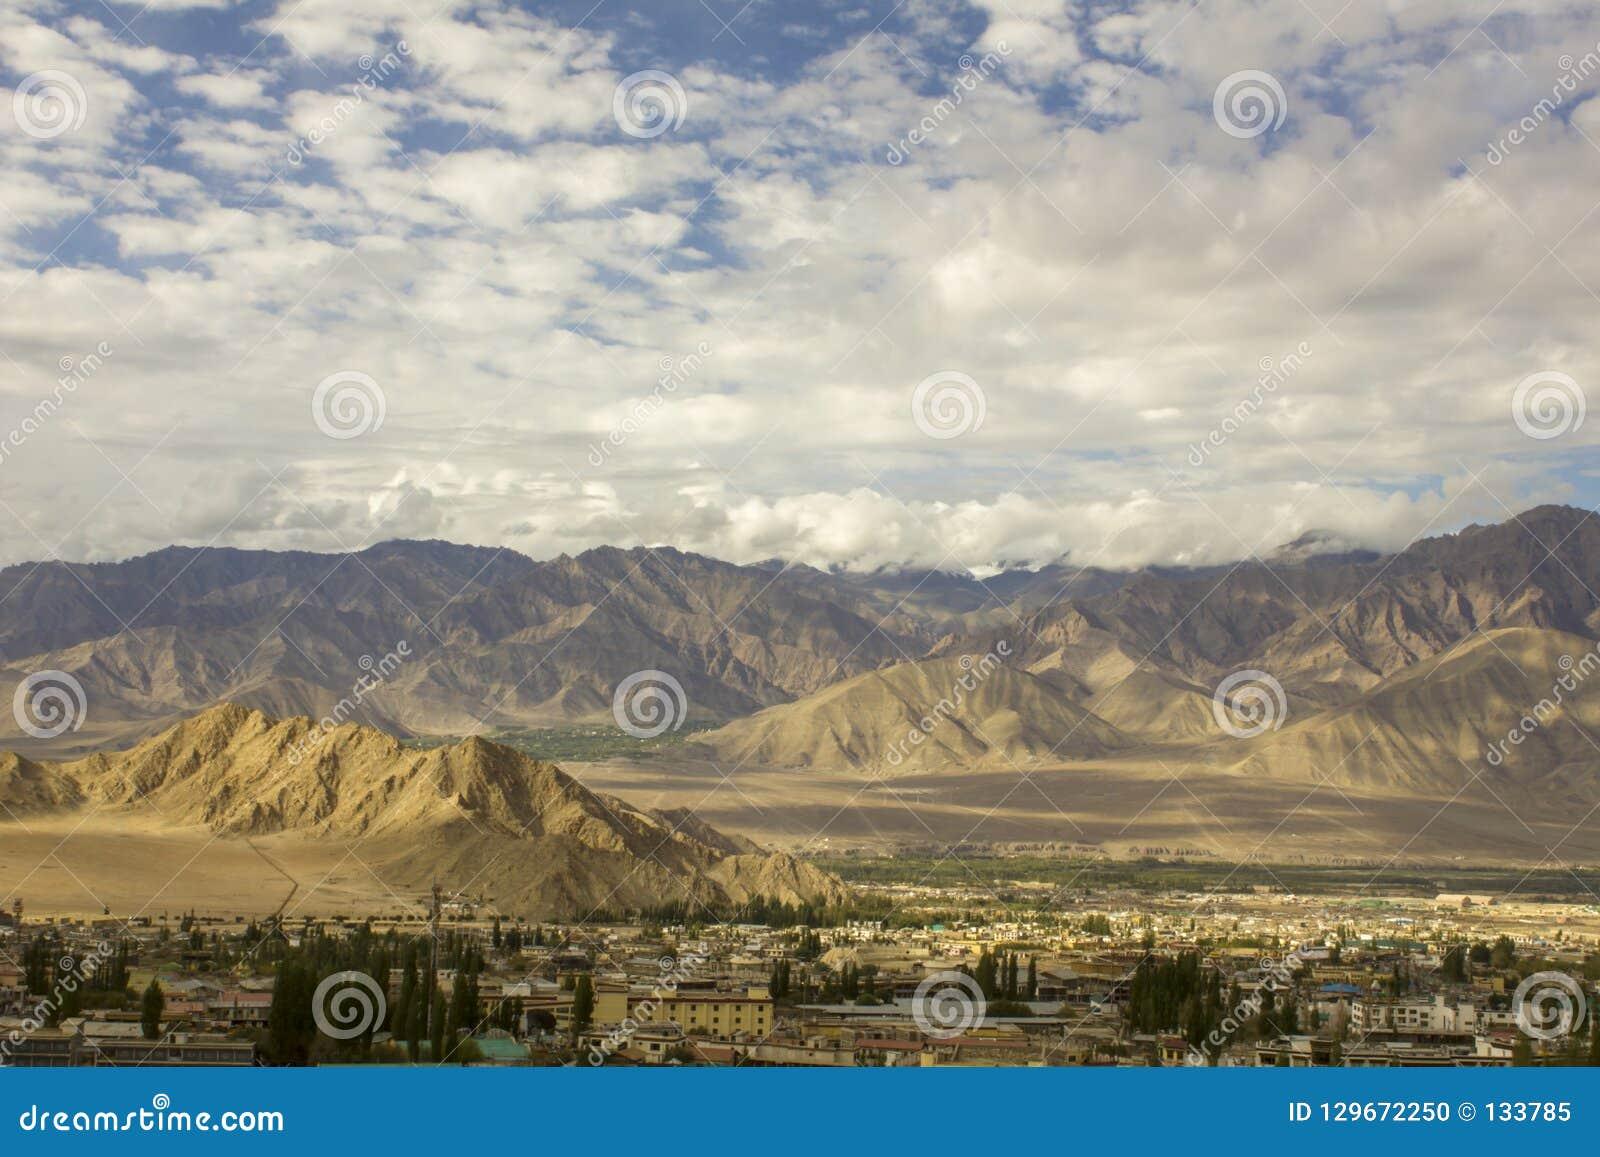 Miasto w górzystej Himalajskiej dolinie w popołudniu